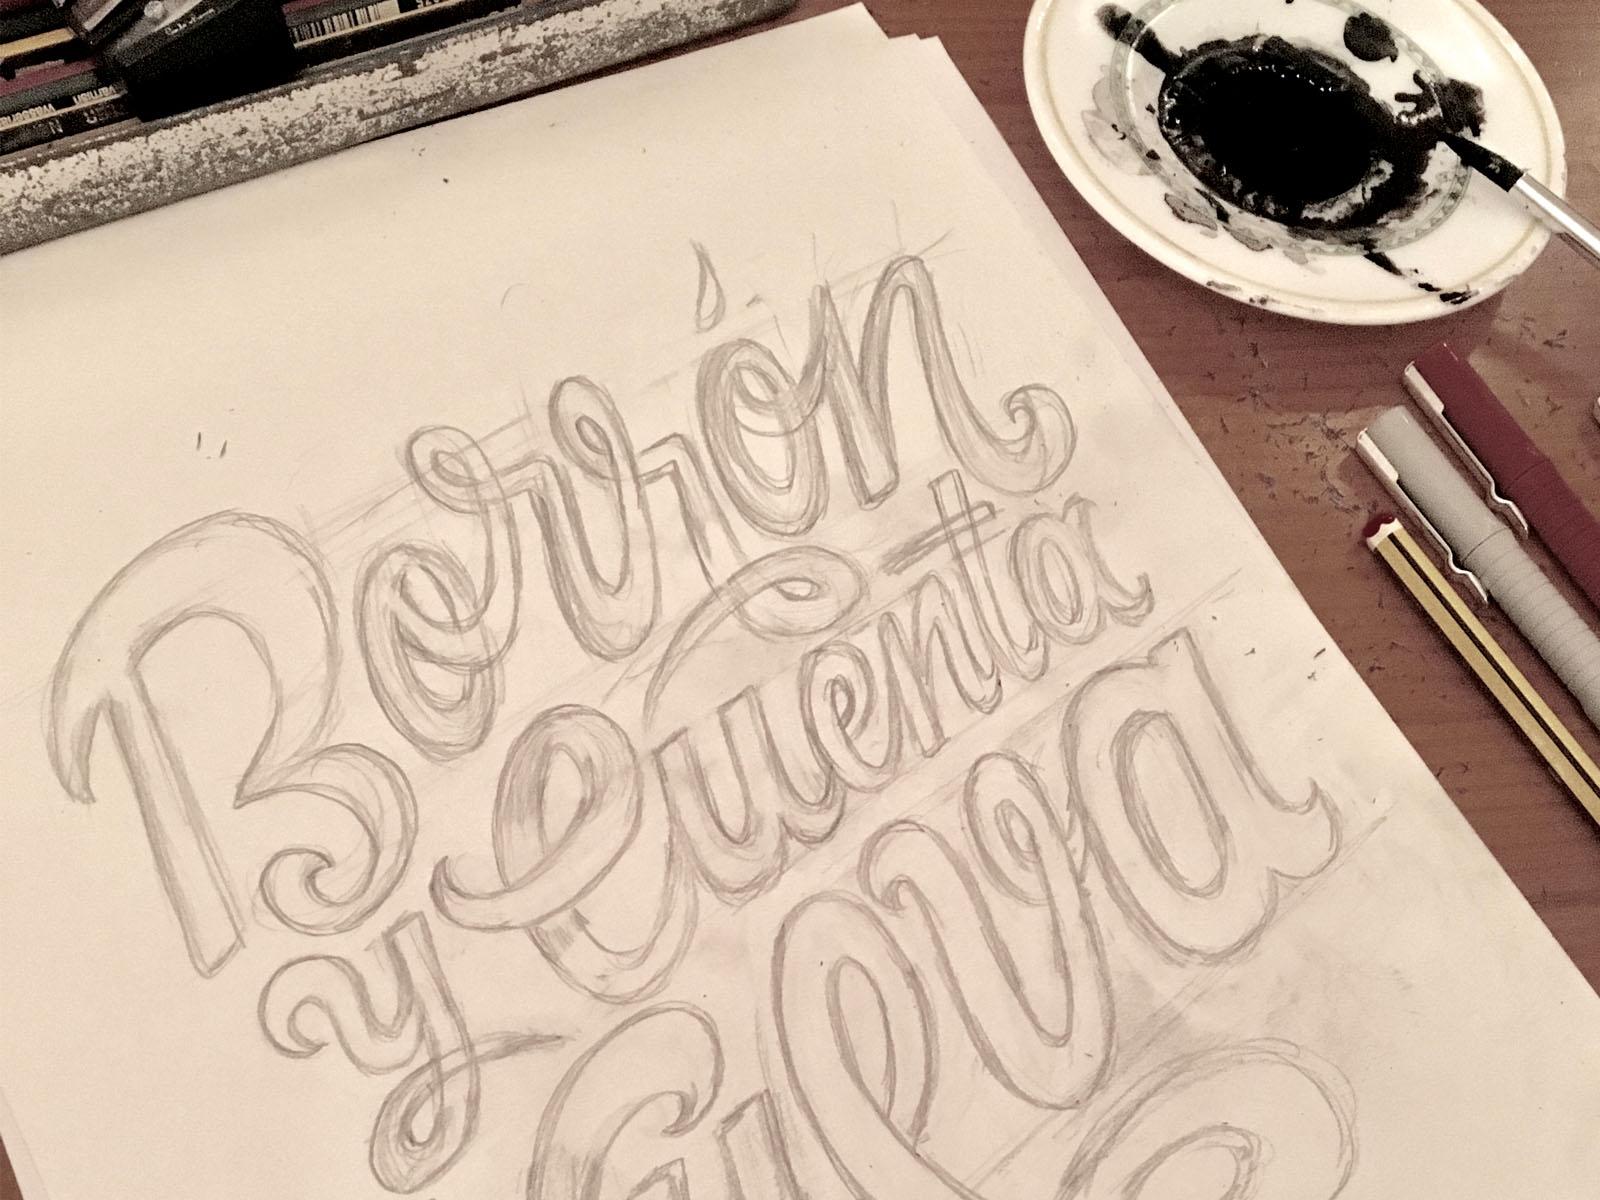 Lettering design, Diseño de poster con lettering hecho a mano, letras, tipografía, borrón y cuenta nueva, cartel ilustrado, poster design